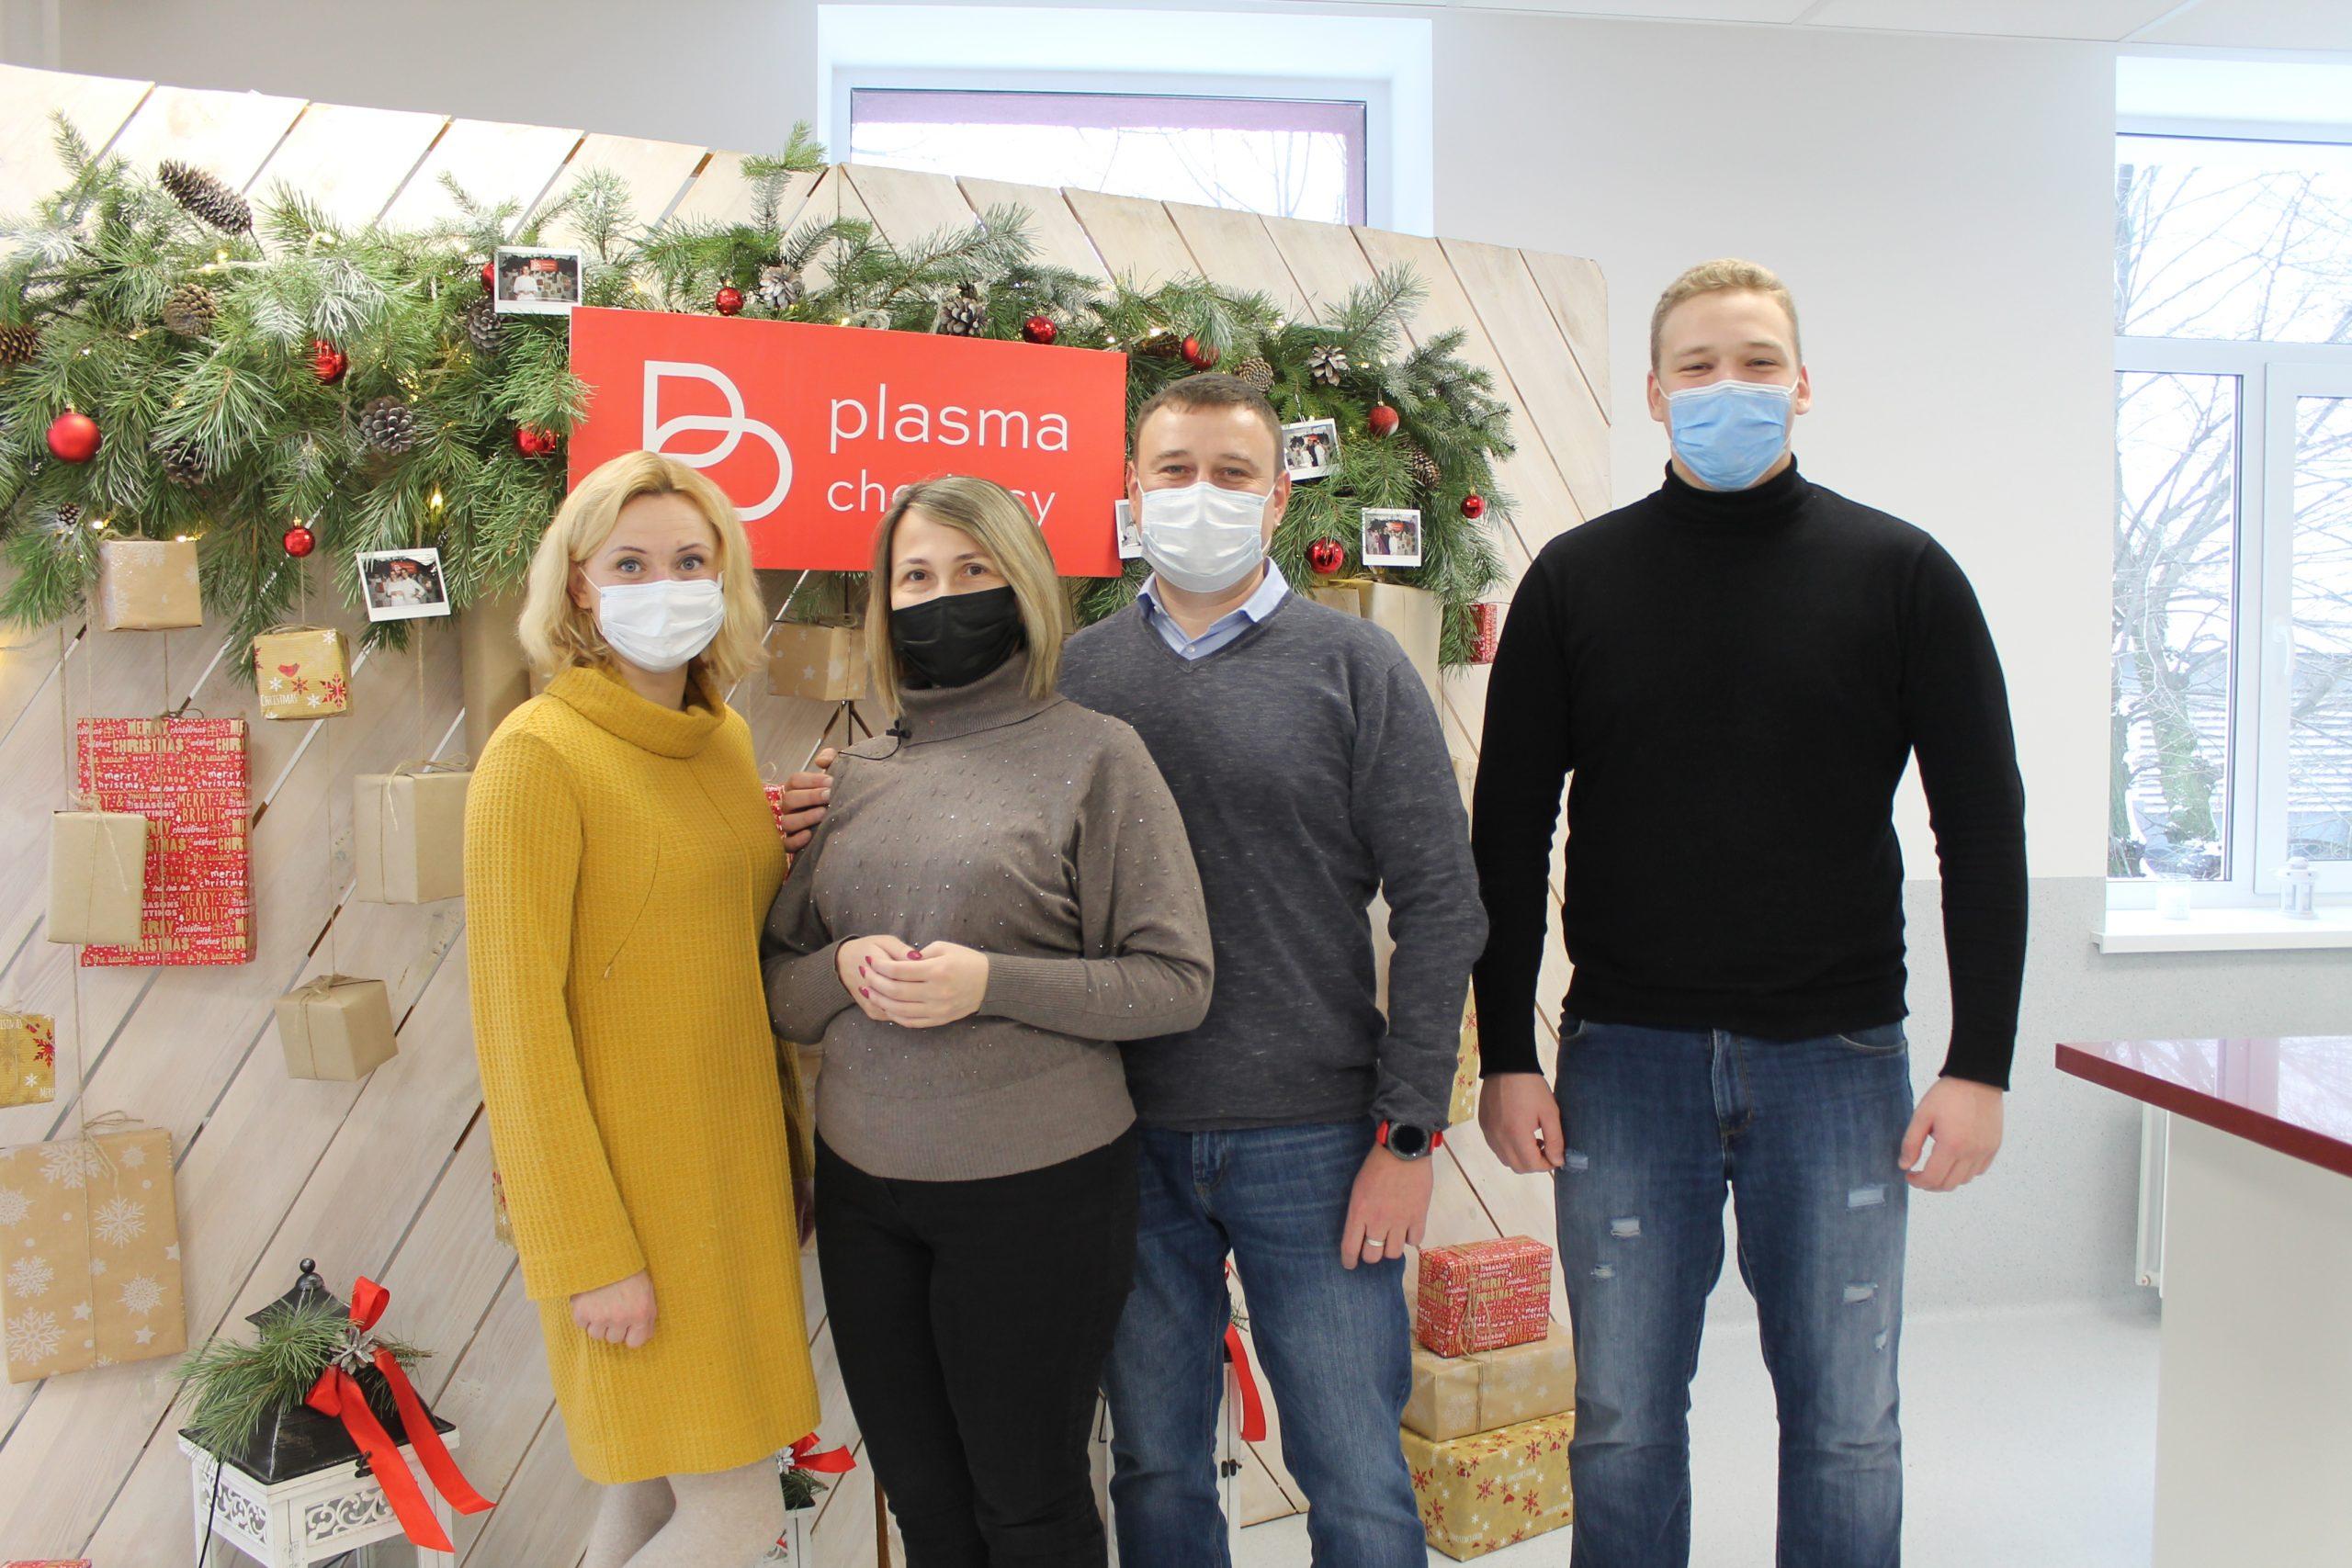 Понад 7 тисяч гривень вдалося зібрати активістам на подарунок «сонячним дітям» (ВІДЕО)